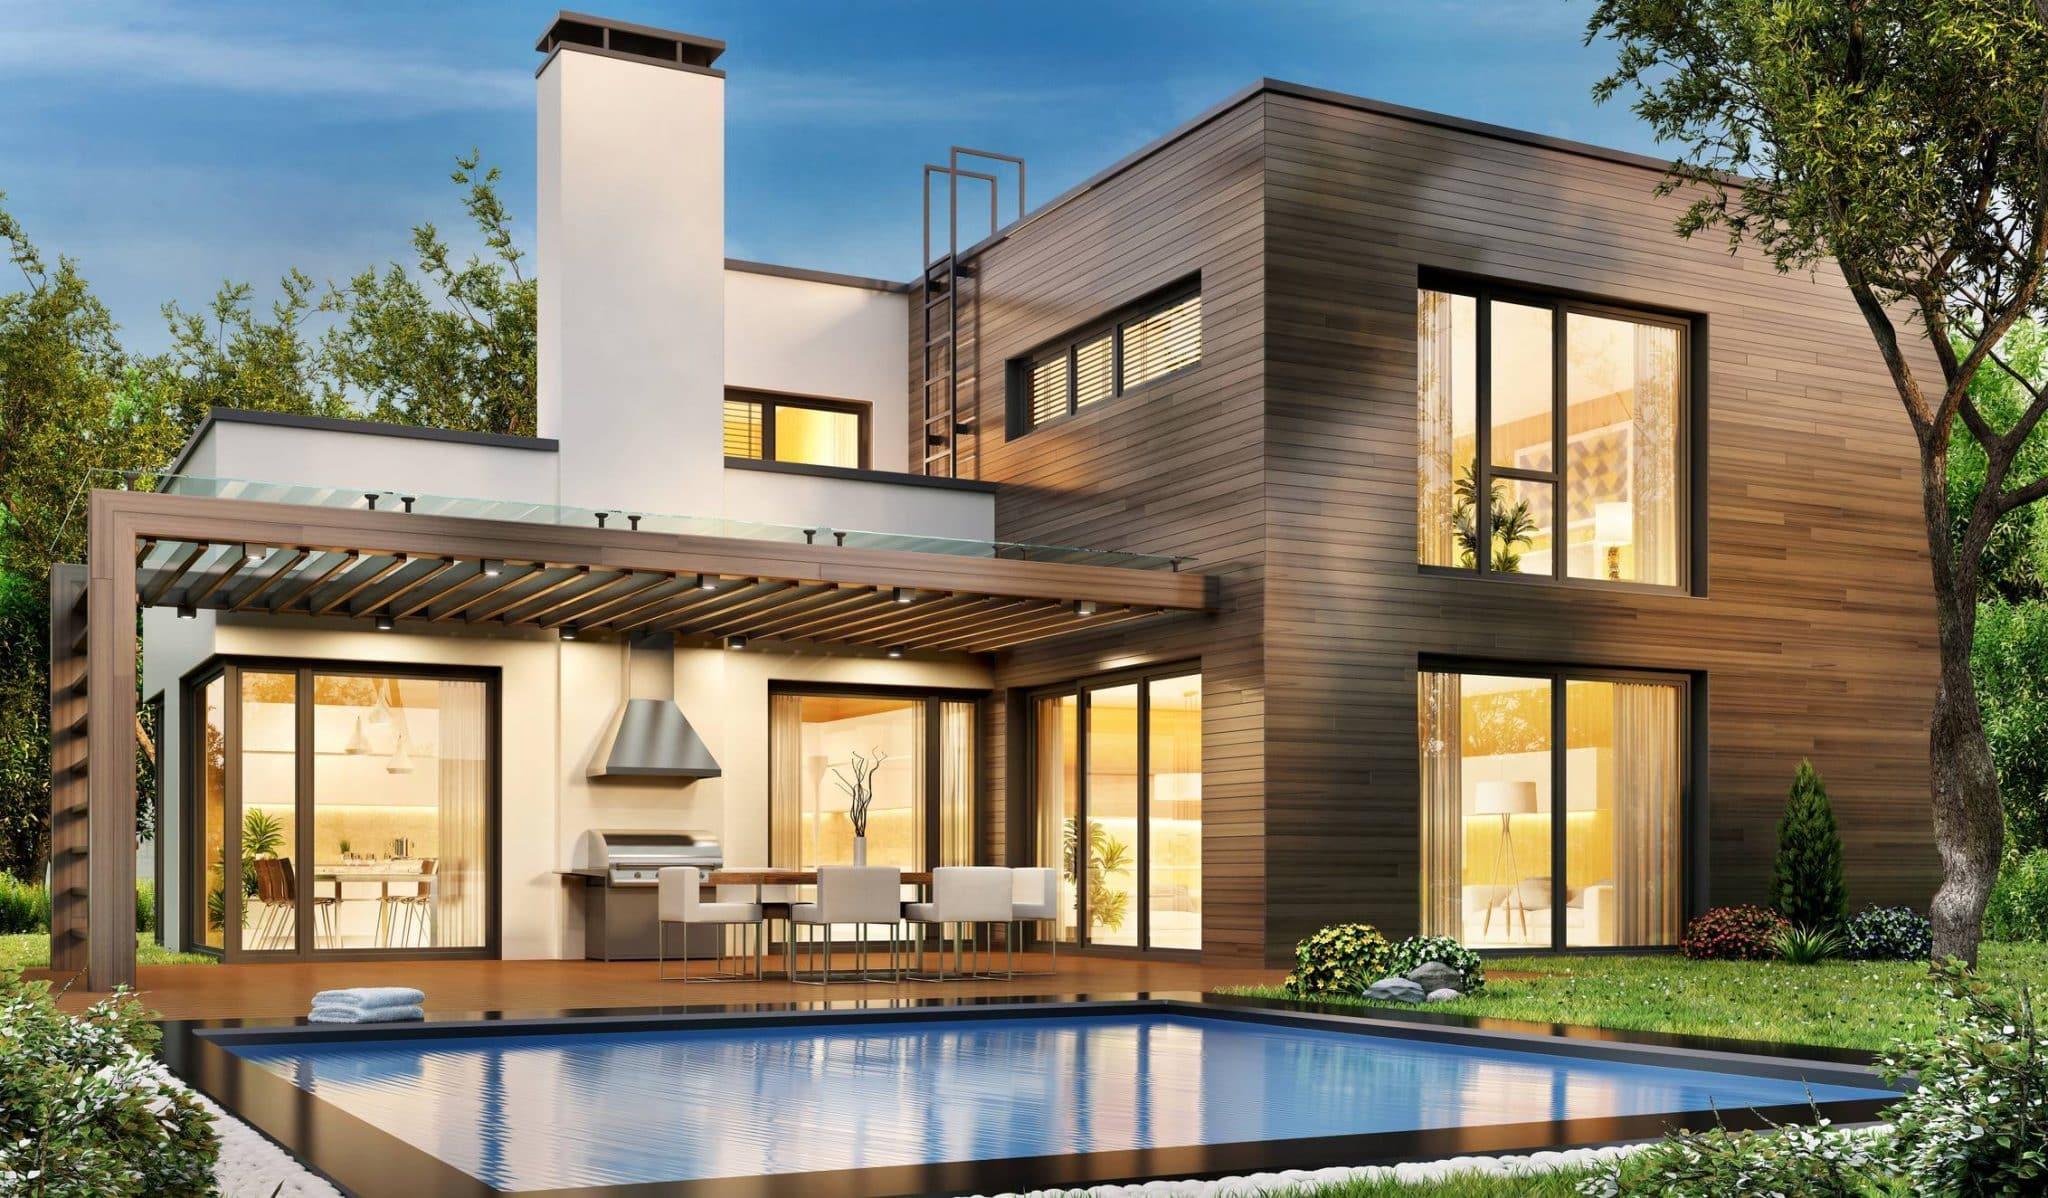 Investir dans un cottage de luxe pour sa retraite c'est s'assurer de beaux revenus stables